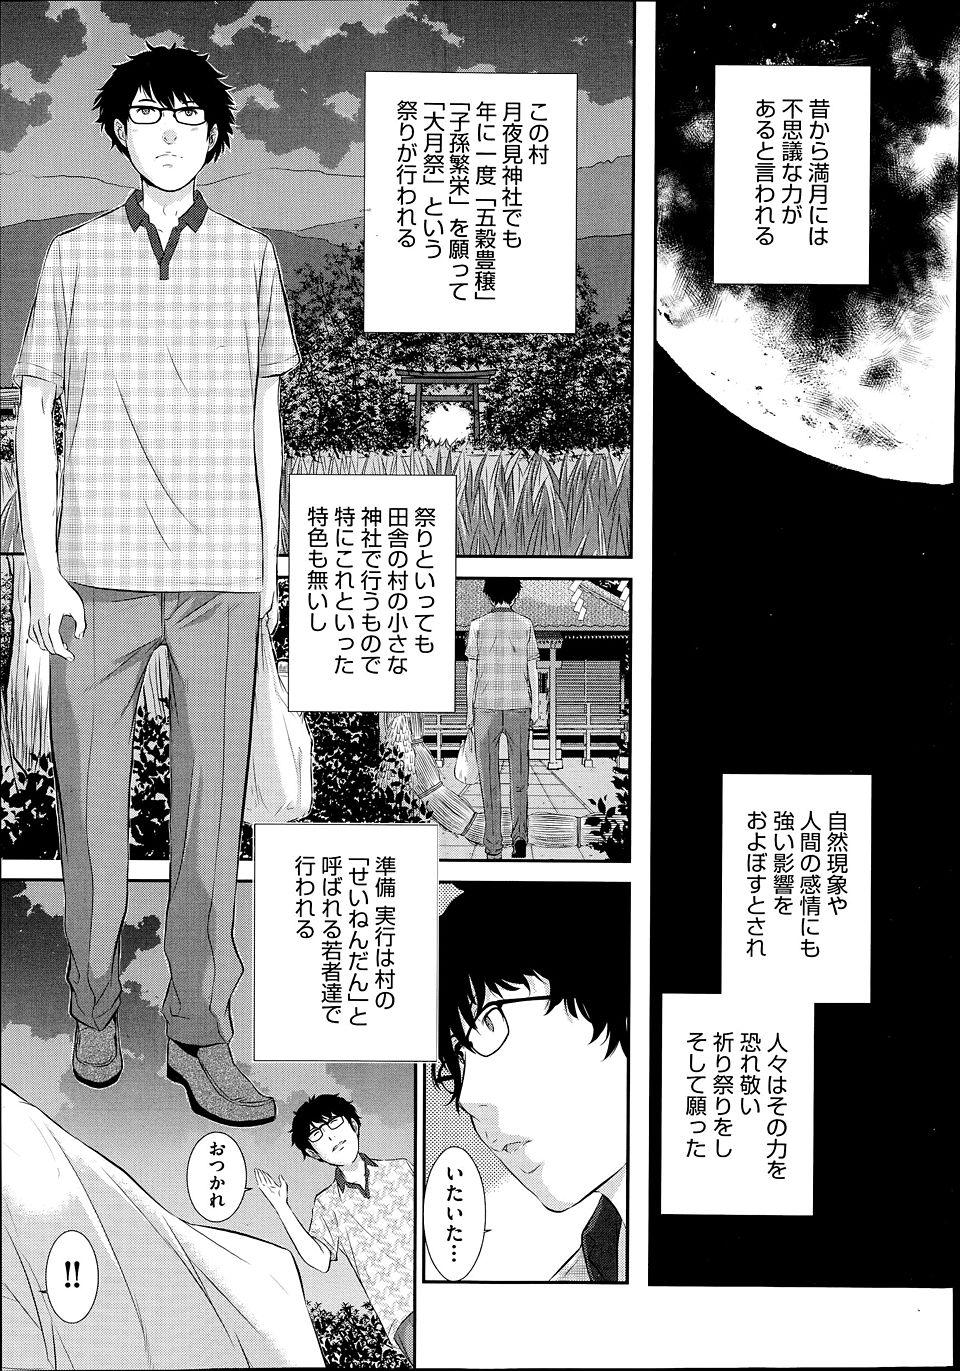 【エロ同人 東方】満月の月夜、儀式のために巫女様は村の若い人とまぐわい、その身を白く染めてイク!【はらざきたくま エロ漫画】